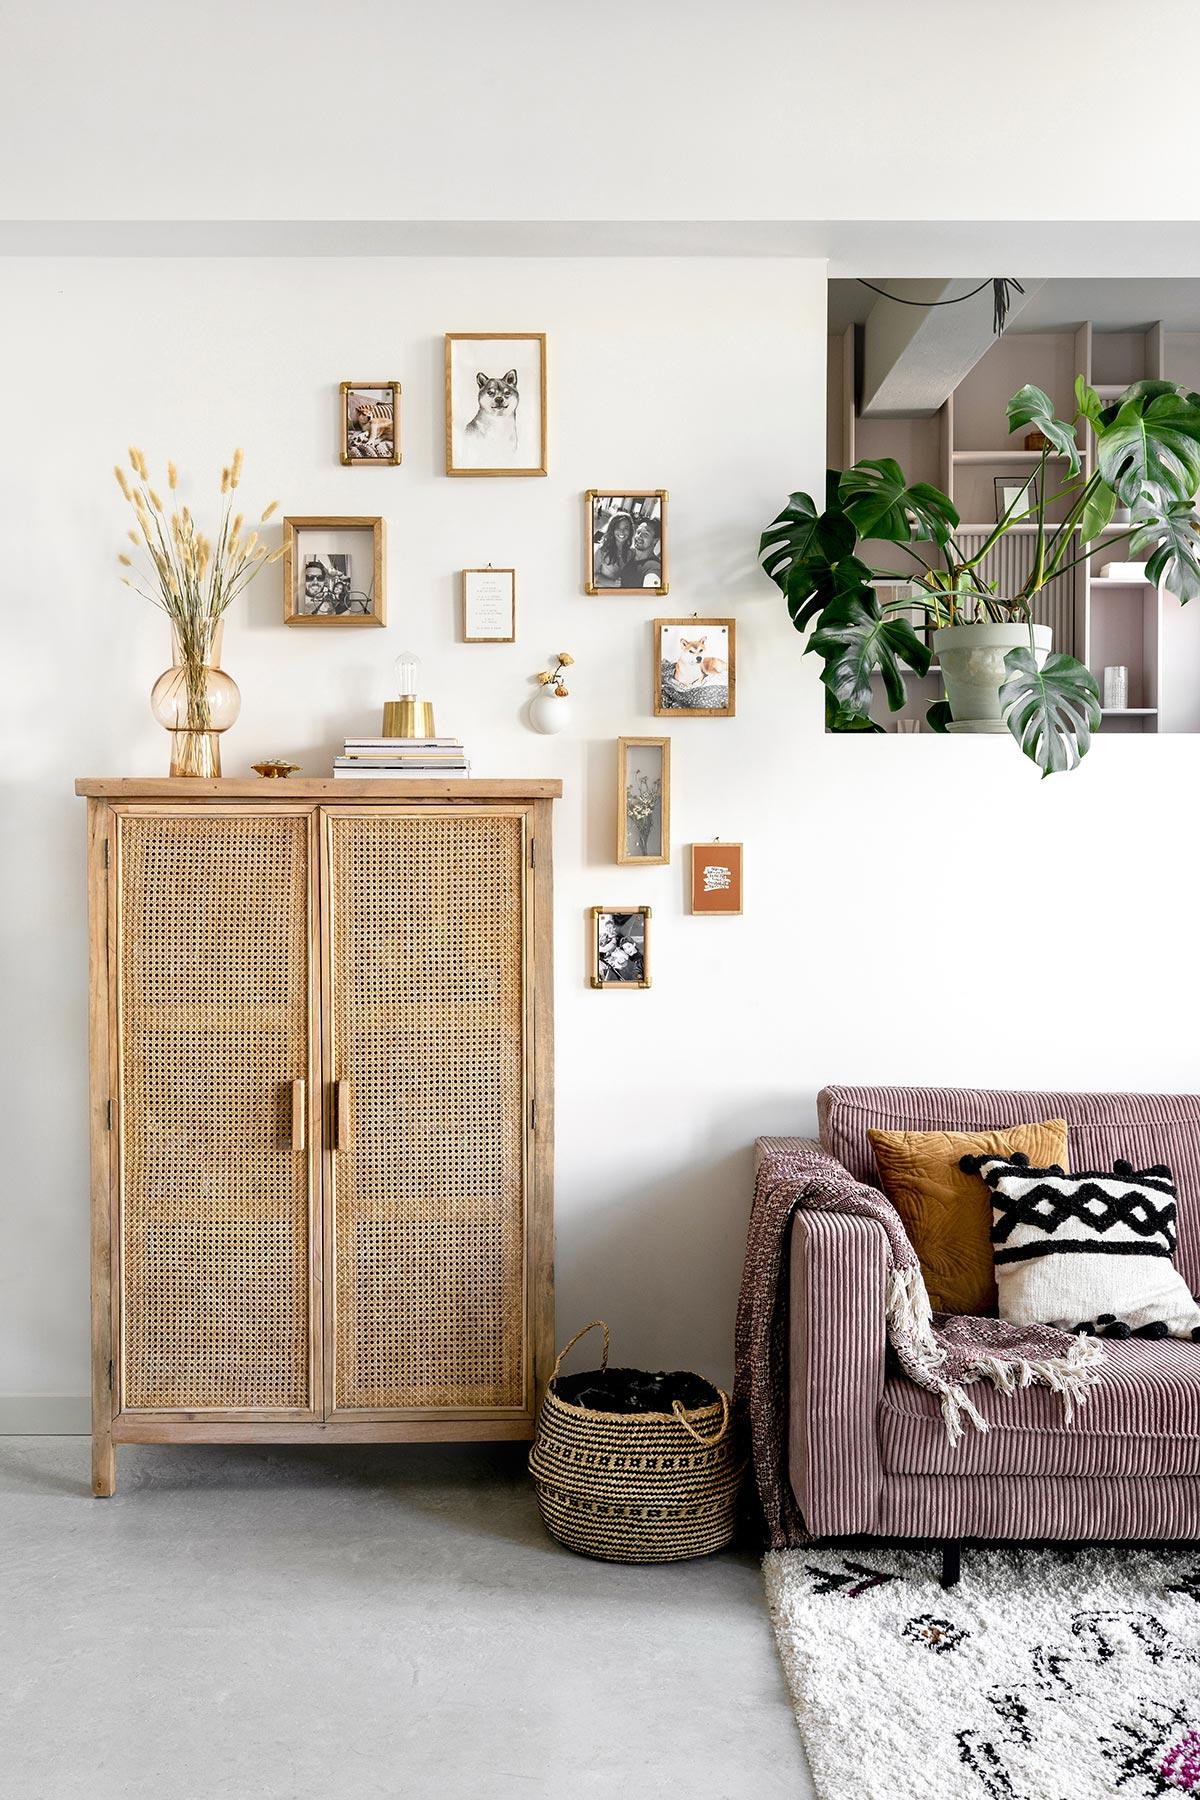 Wanddecoratie persoonlijke fotowand DIY - Tanja van Hoogdalem